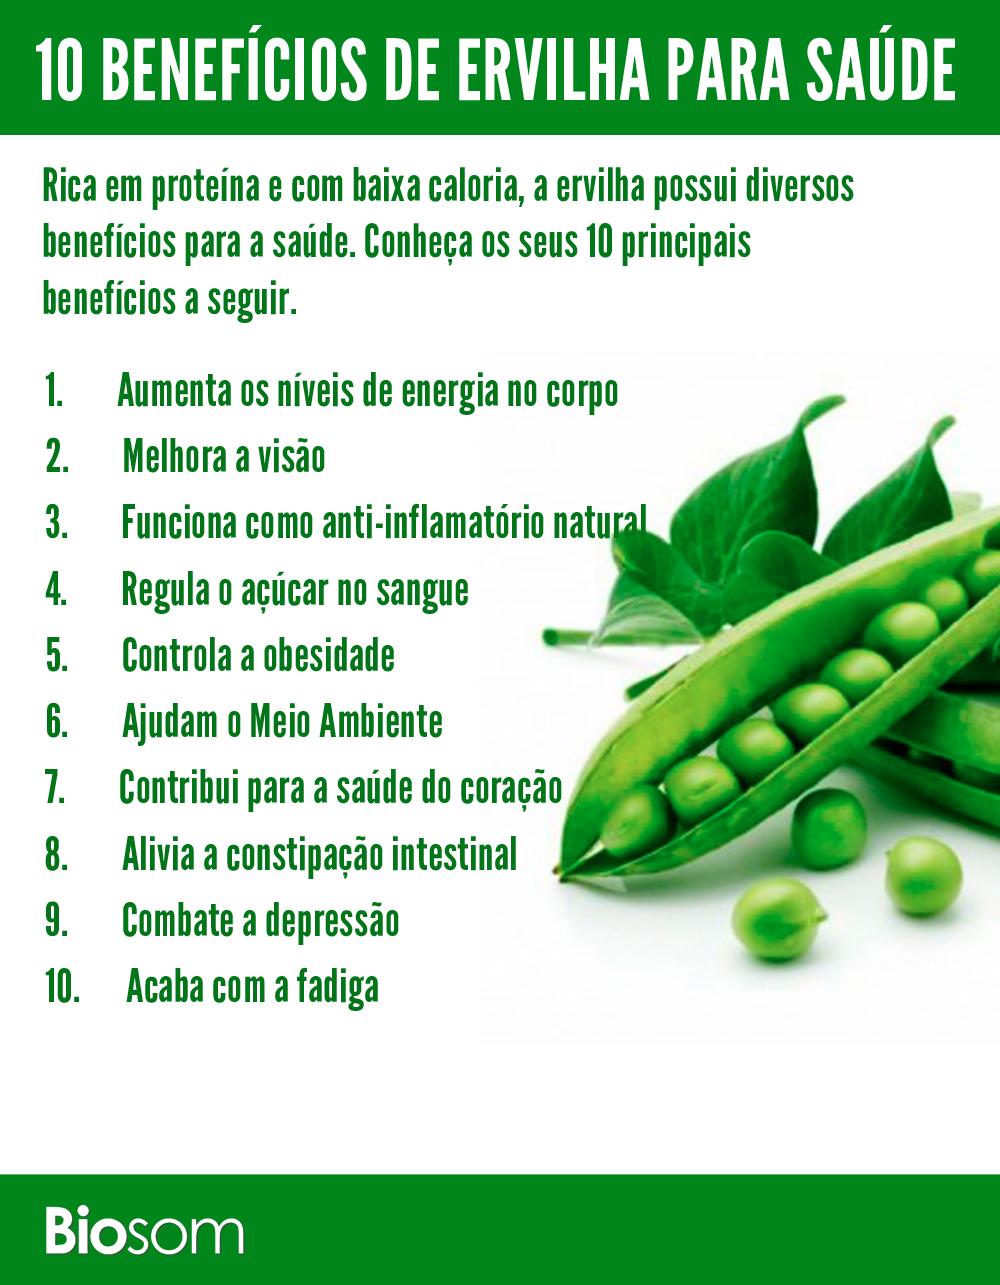 10 beneficios da ervilha para a saude